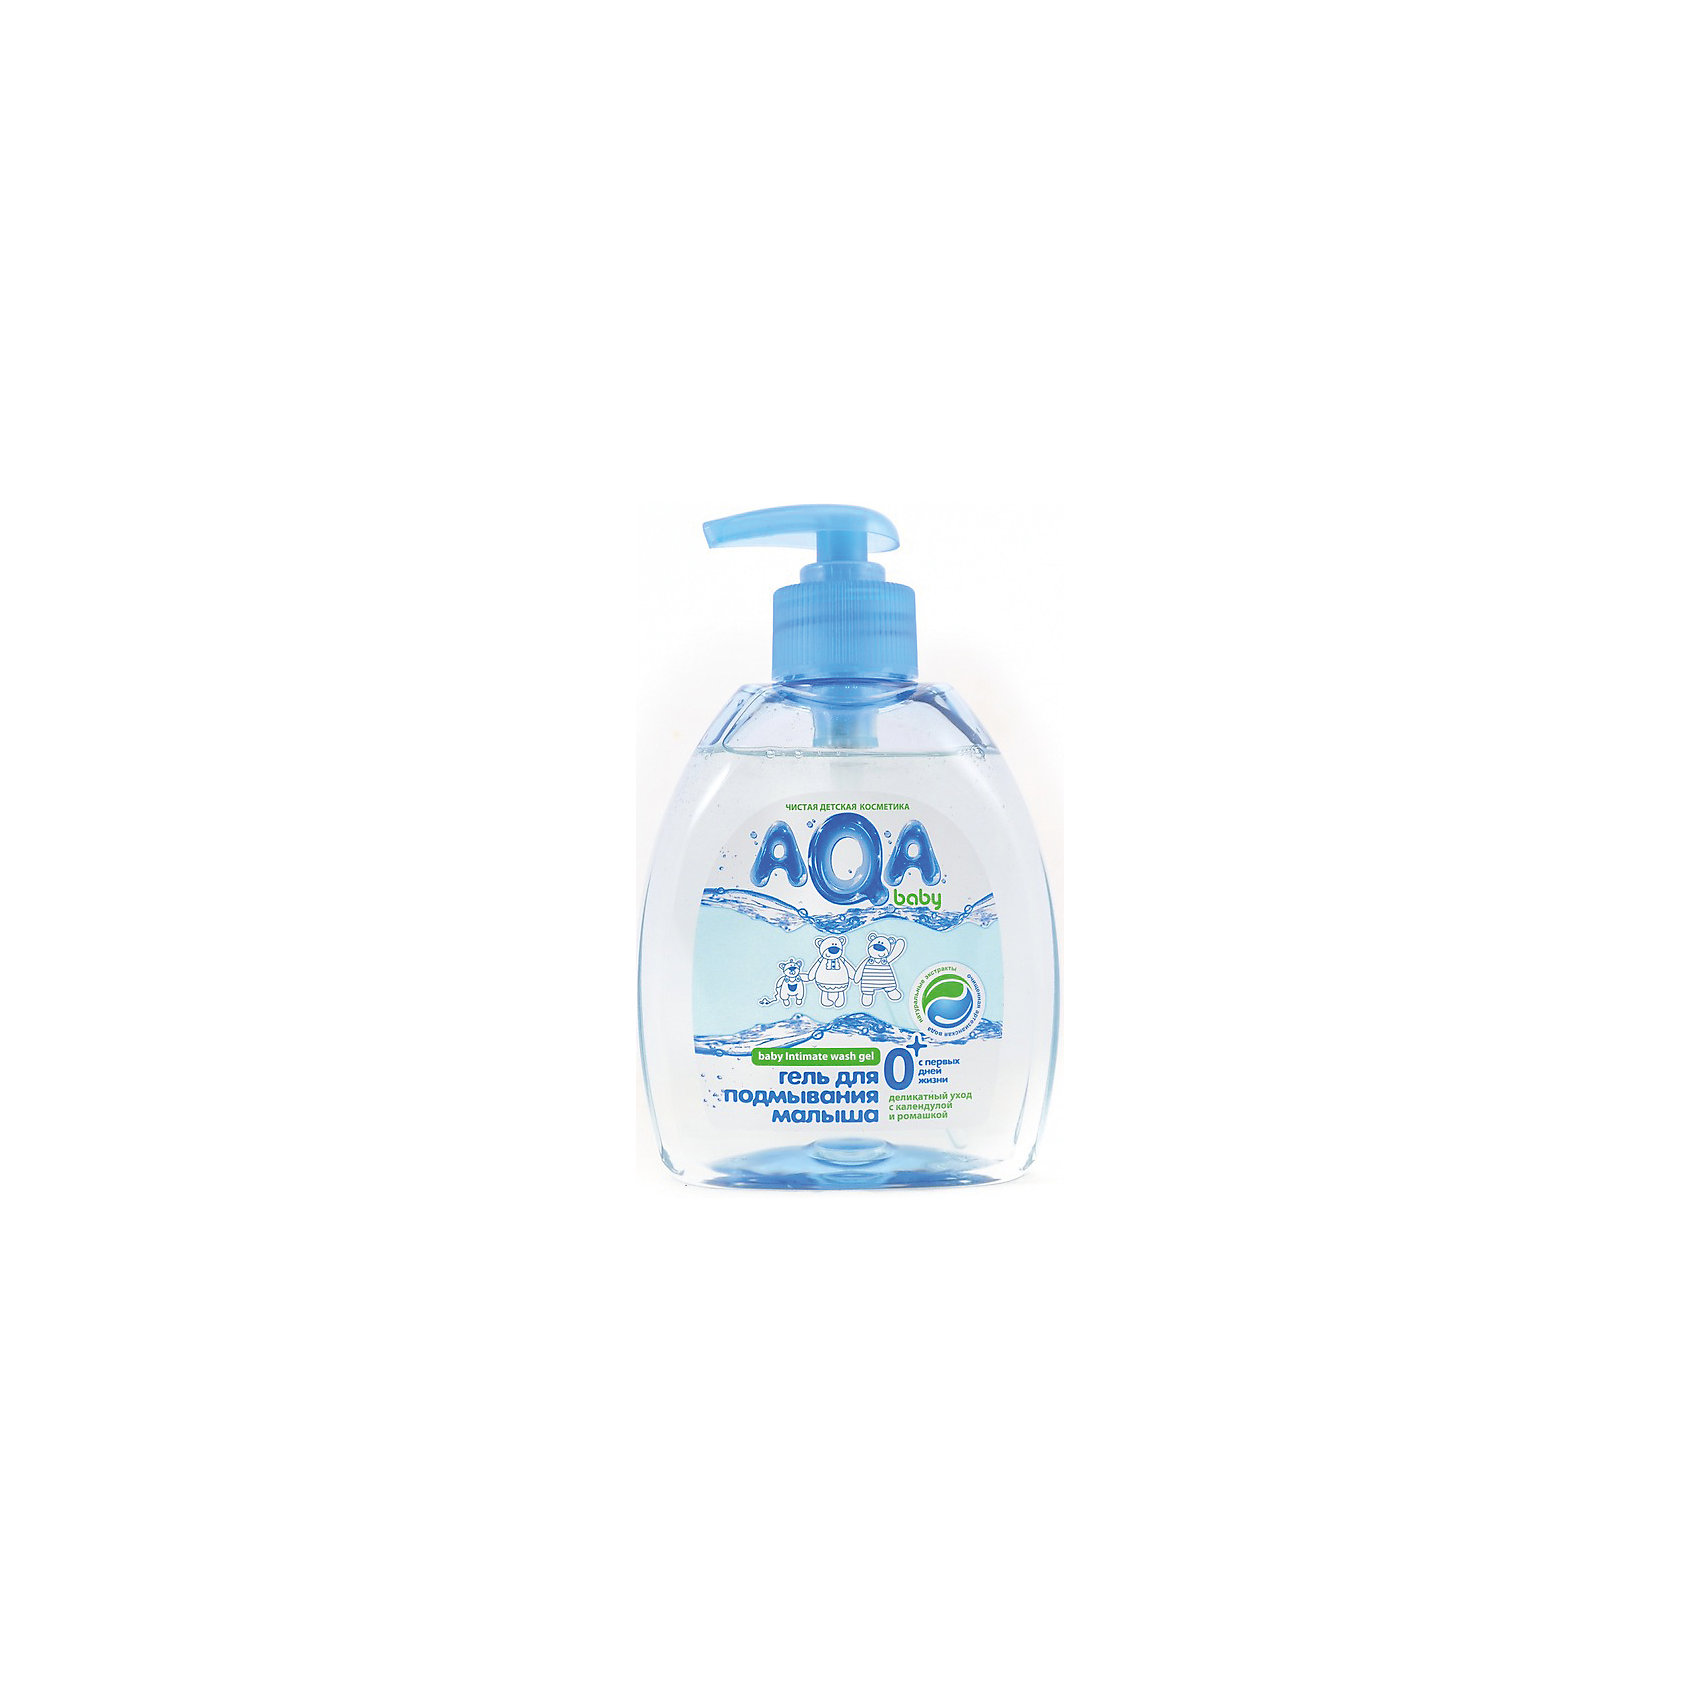 Гель для подмывания малыша, AQA baby